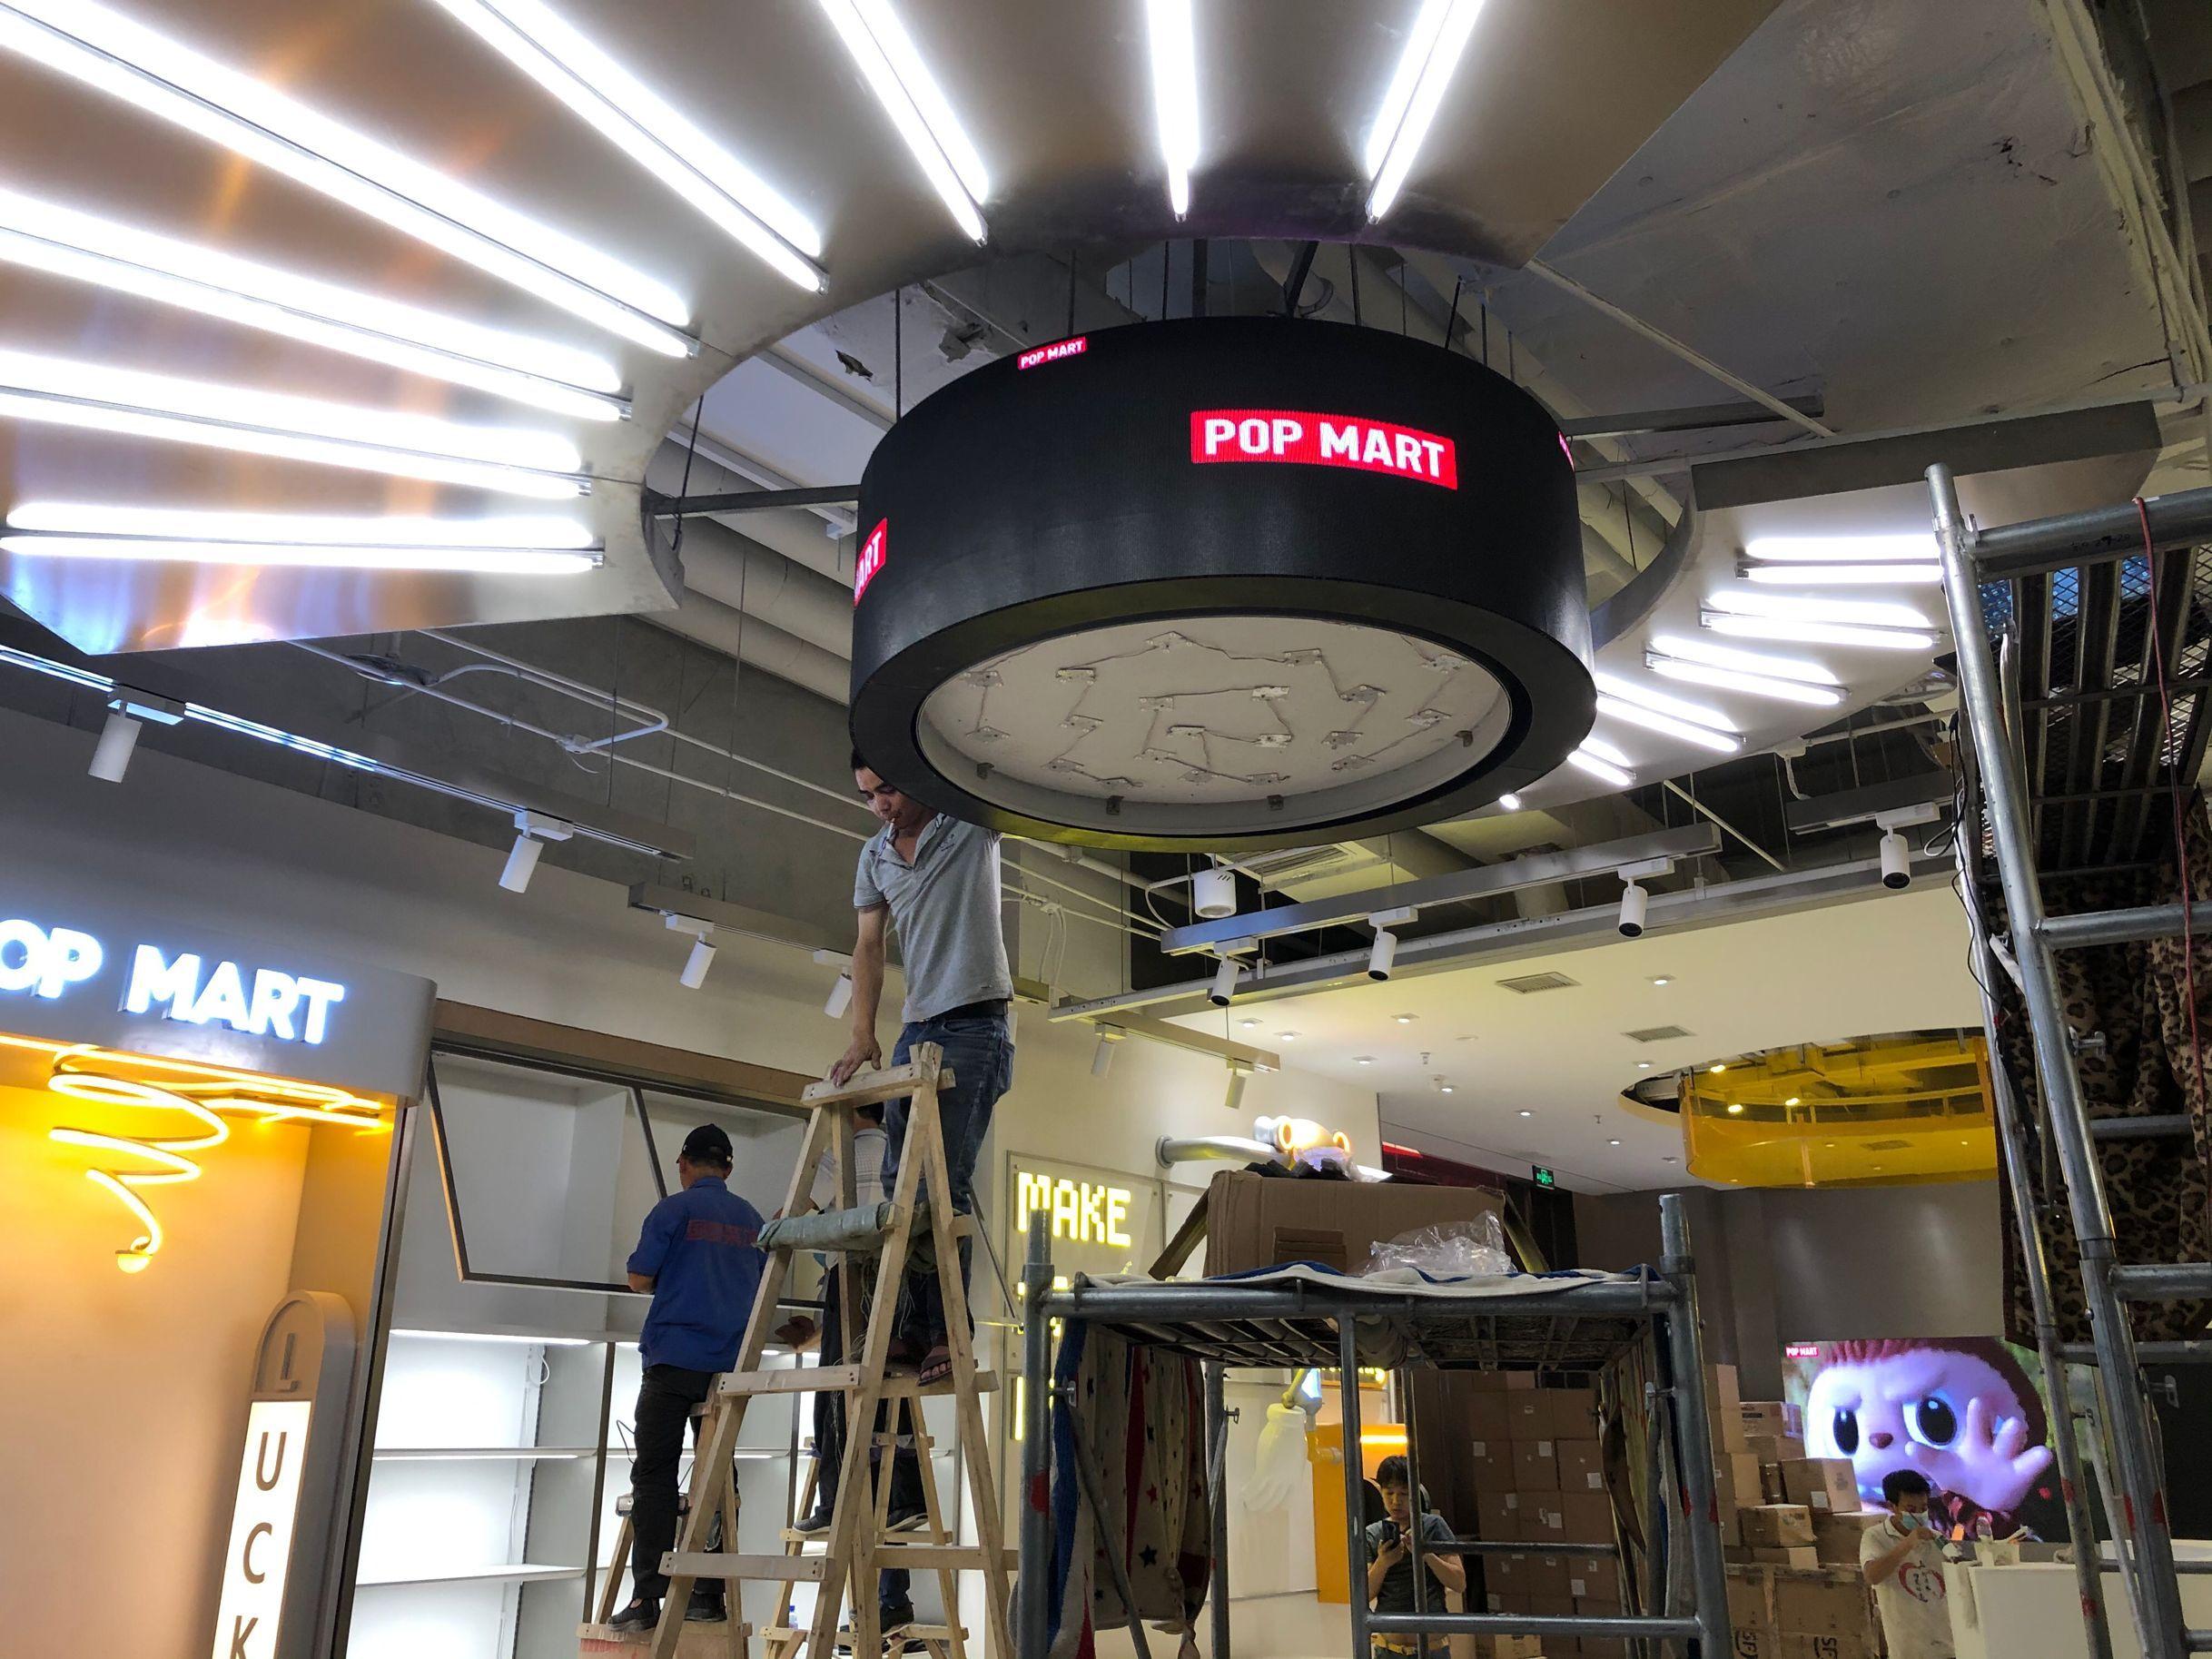 鎮江LED弧型電子屏安裝完成1